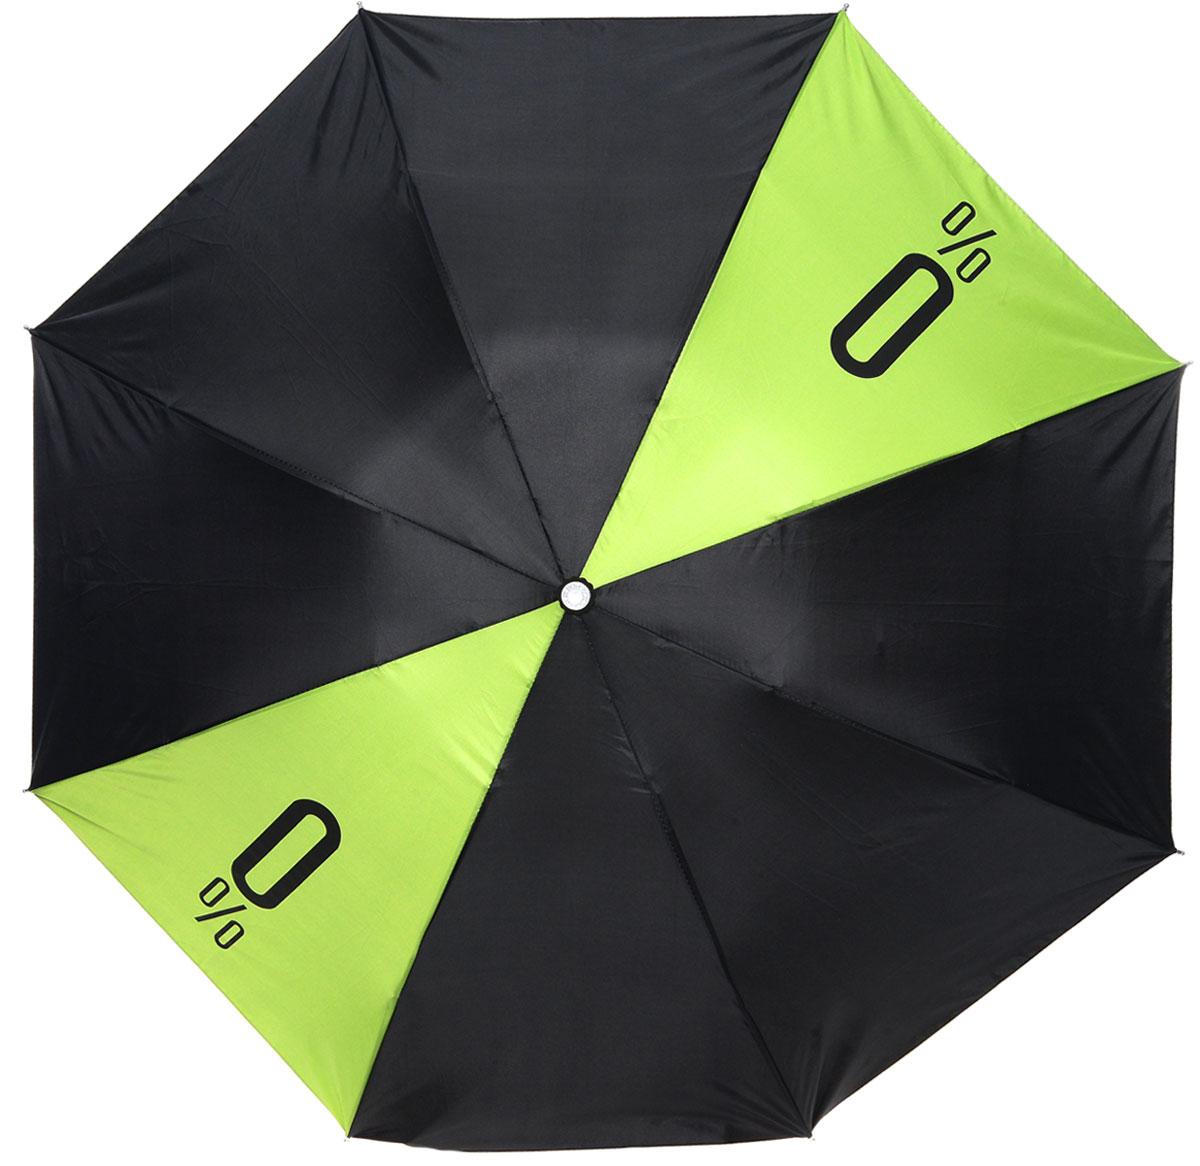 Зонт Эврика, механика, 2 сложения, цвет: зеленый, черный. 90129YY-11678-3Оригинальный зонт Эврика надежно защитит вас от дождя. Купол, оформленный оригинальным принтом, выполнен из высококачественного ПВХ, который не пропускает воду.Каркас зонта, выполненный из прочного металла, состоит из восьми спиц. Зонт имеет механический тип сложения: открывается и закрывается вручную до характерного щелчка. Удобная ручка выполнена из пластика. Футляр из пластика выполнен в виде бутылки.